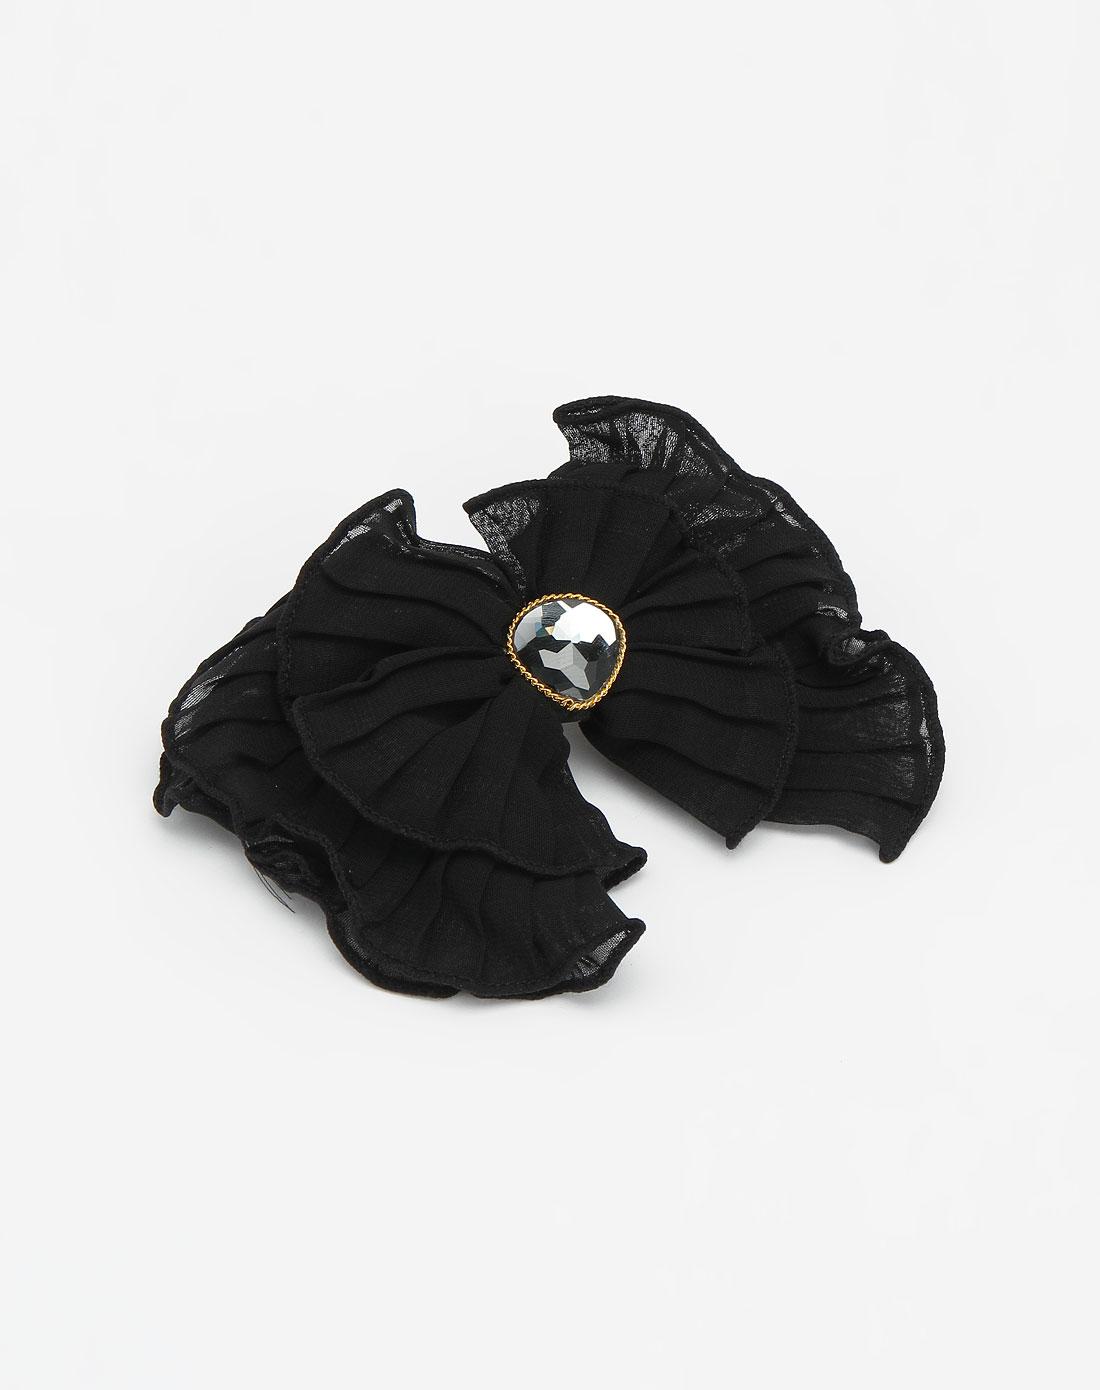 麦朵mado黑色时尚布面发饰